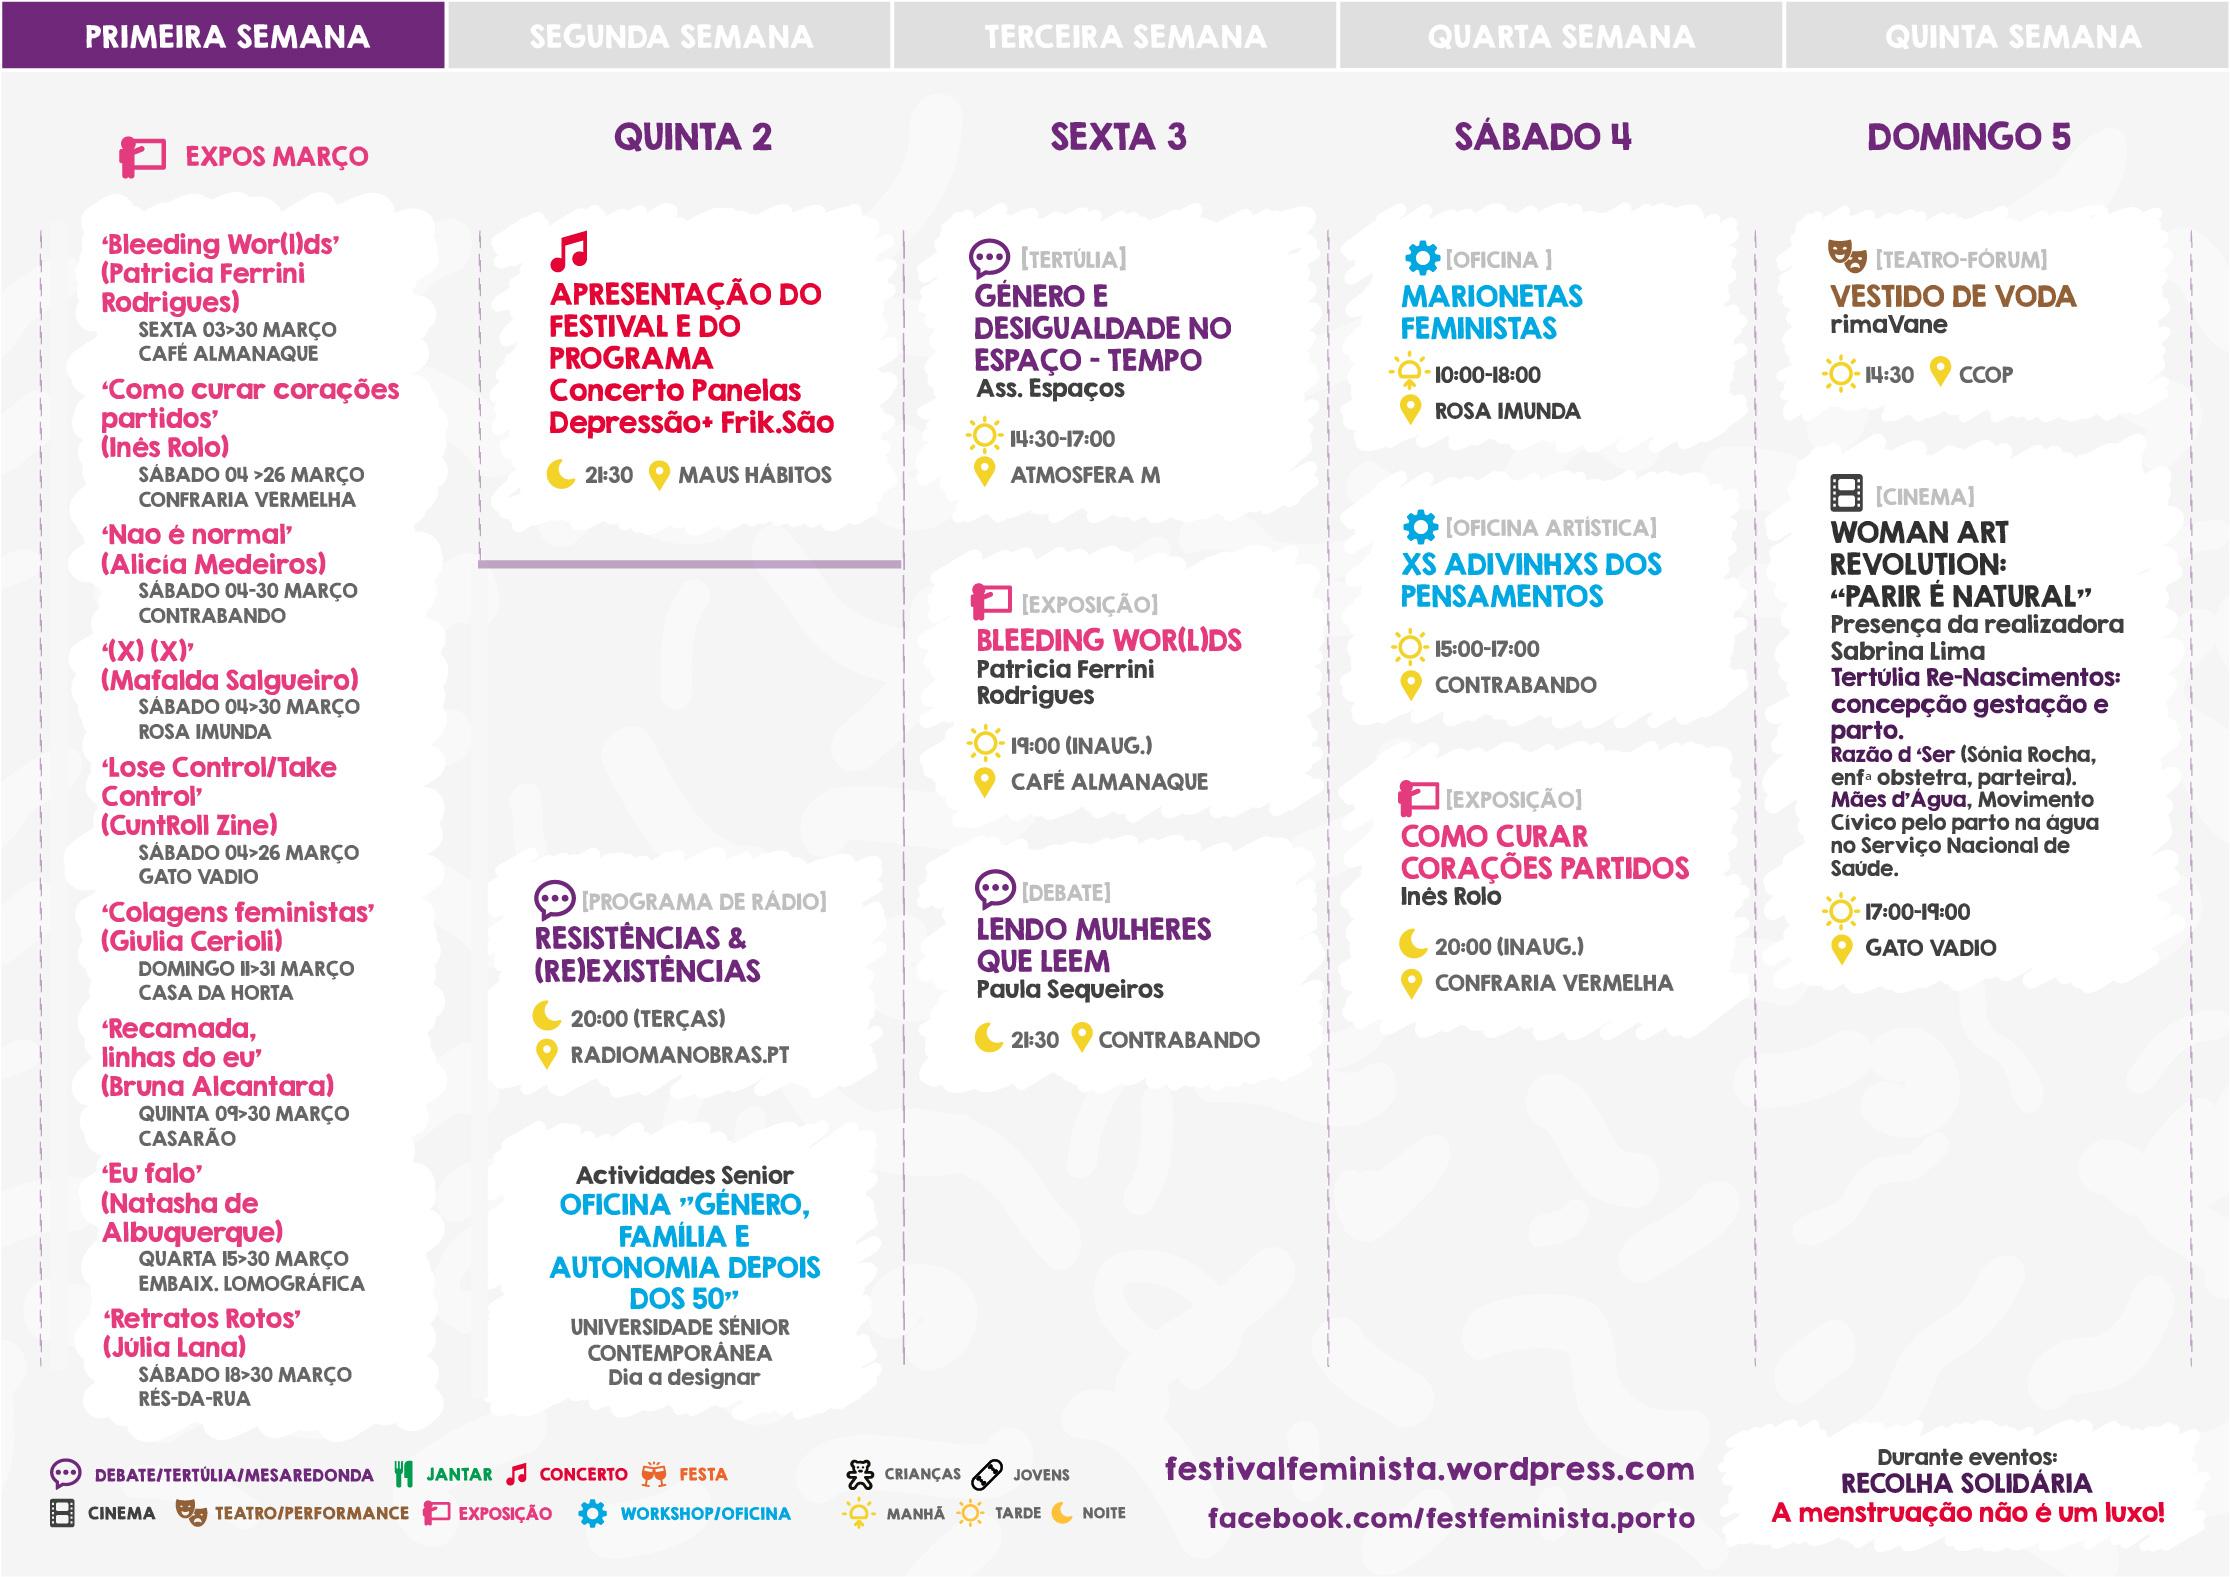 II Festival Feminista do Porto (2017) - Calendário Semana 1